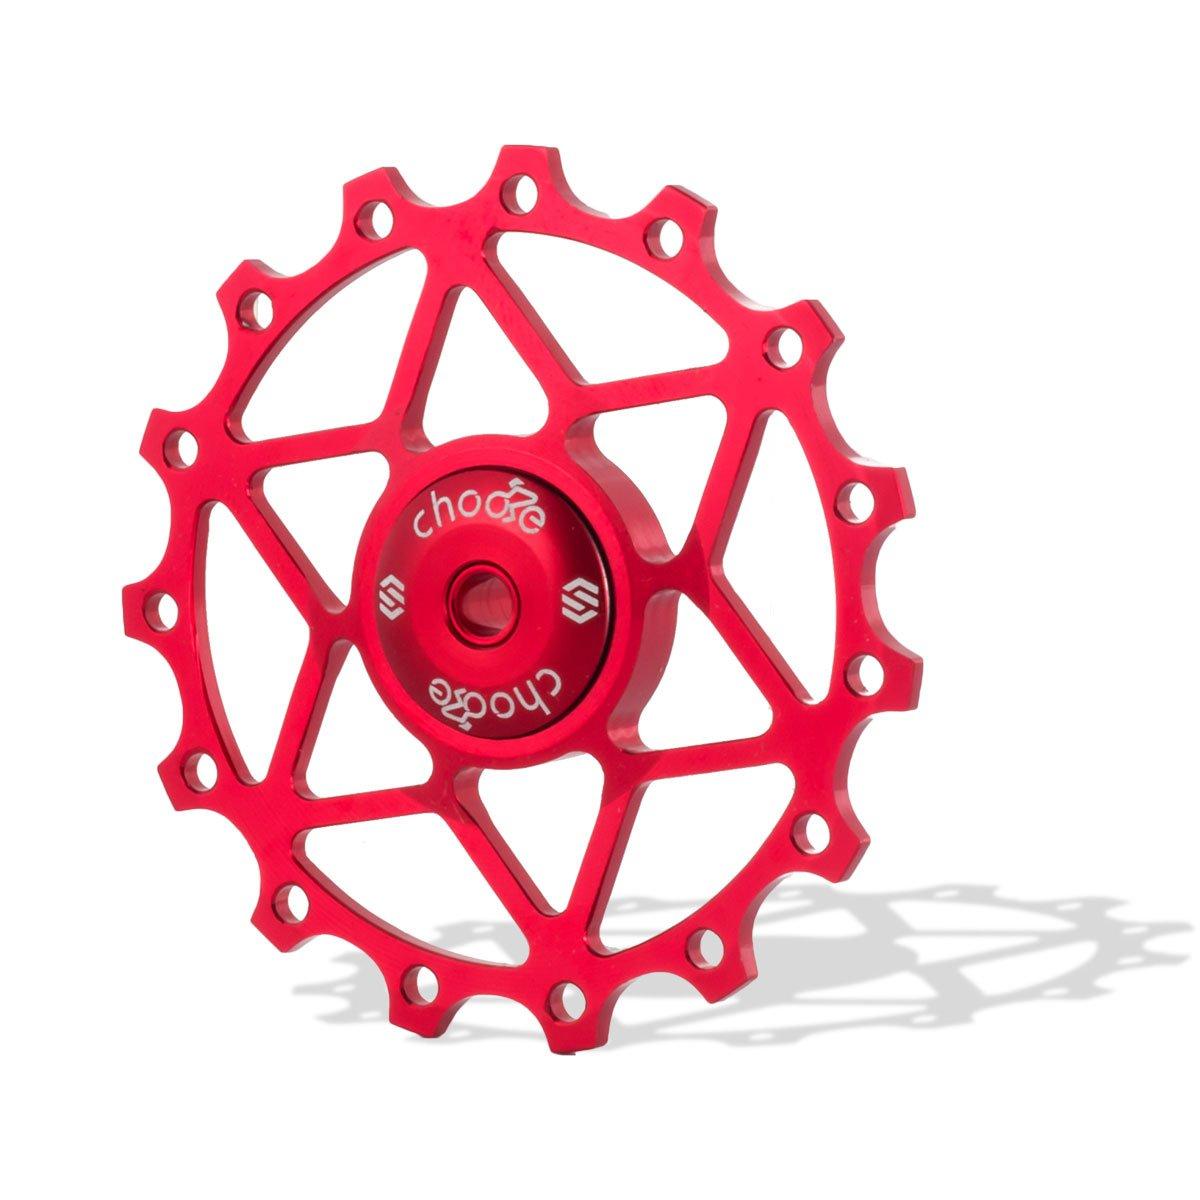 Chooee, Stützrad, Keramiklager, Schaltwerk, Riemenscheibe für Shimano Sram, 13T 15T ShenZhen Freeman Fahrrad co. Ltd.